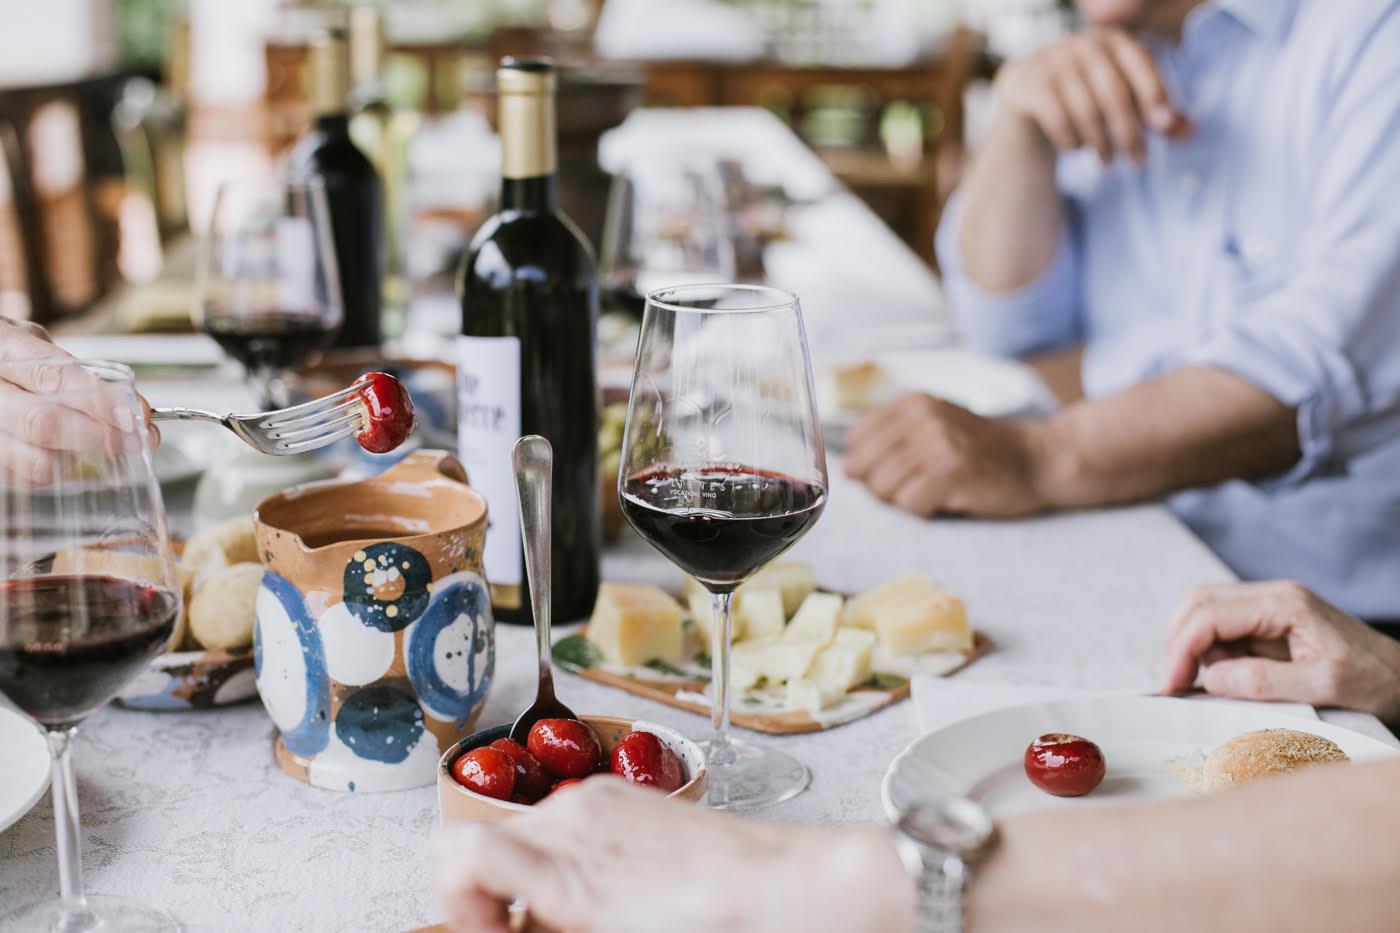 patrzia-marazzi-experience-territory-food-italian-ambassador-italy4golf